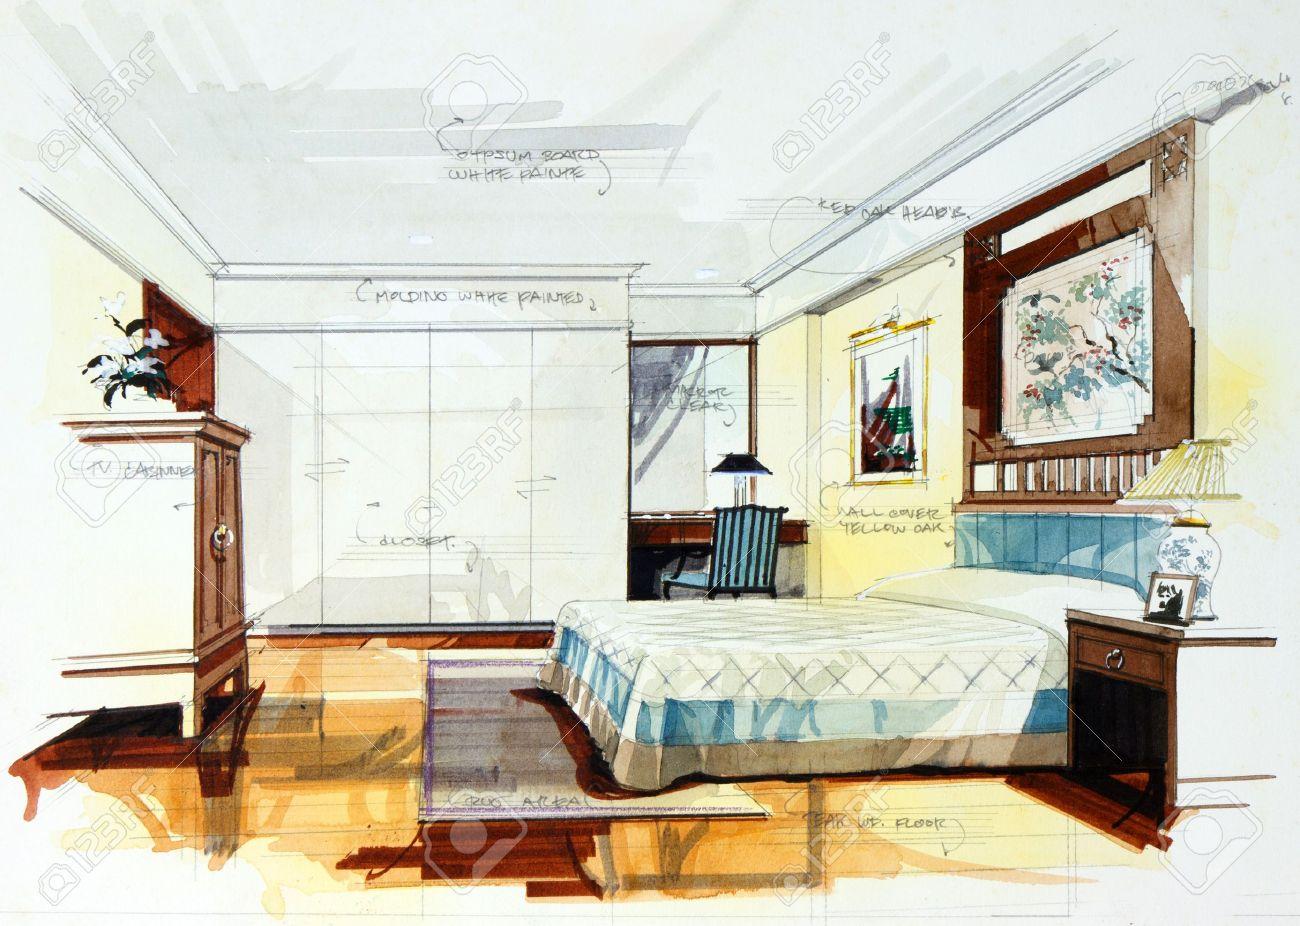 Interior sketch bedroom by pencil and watercolor